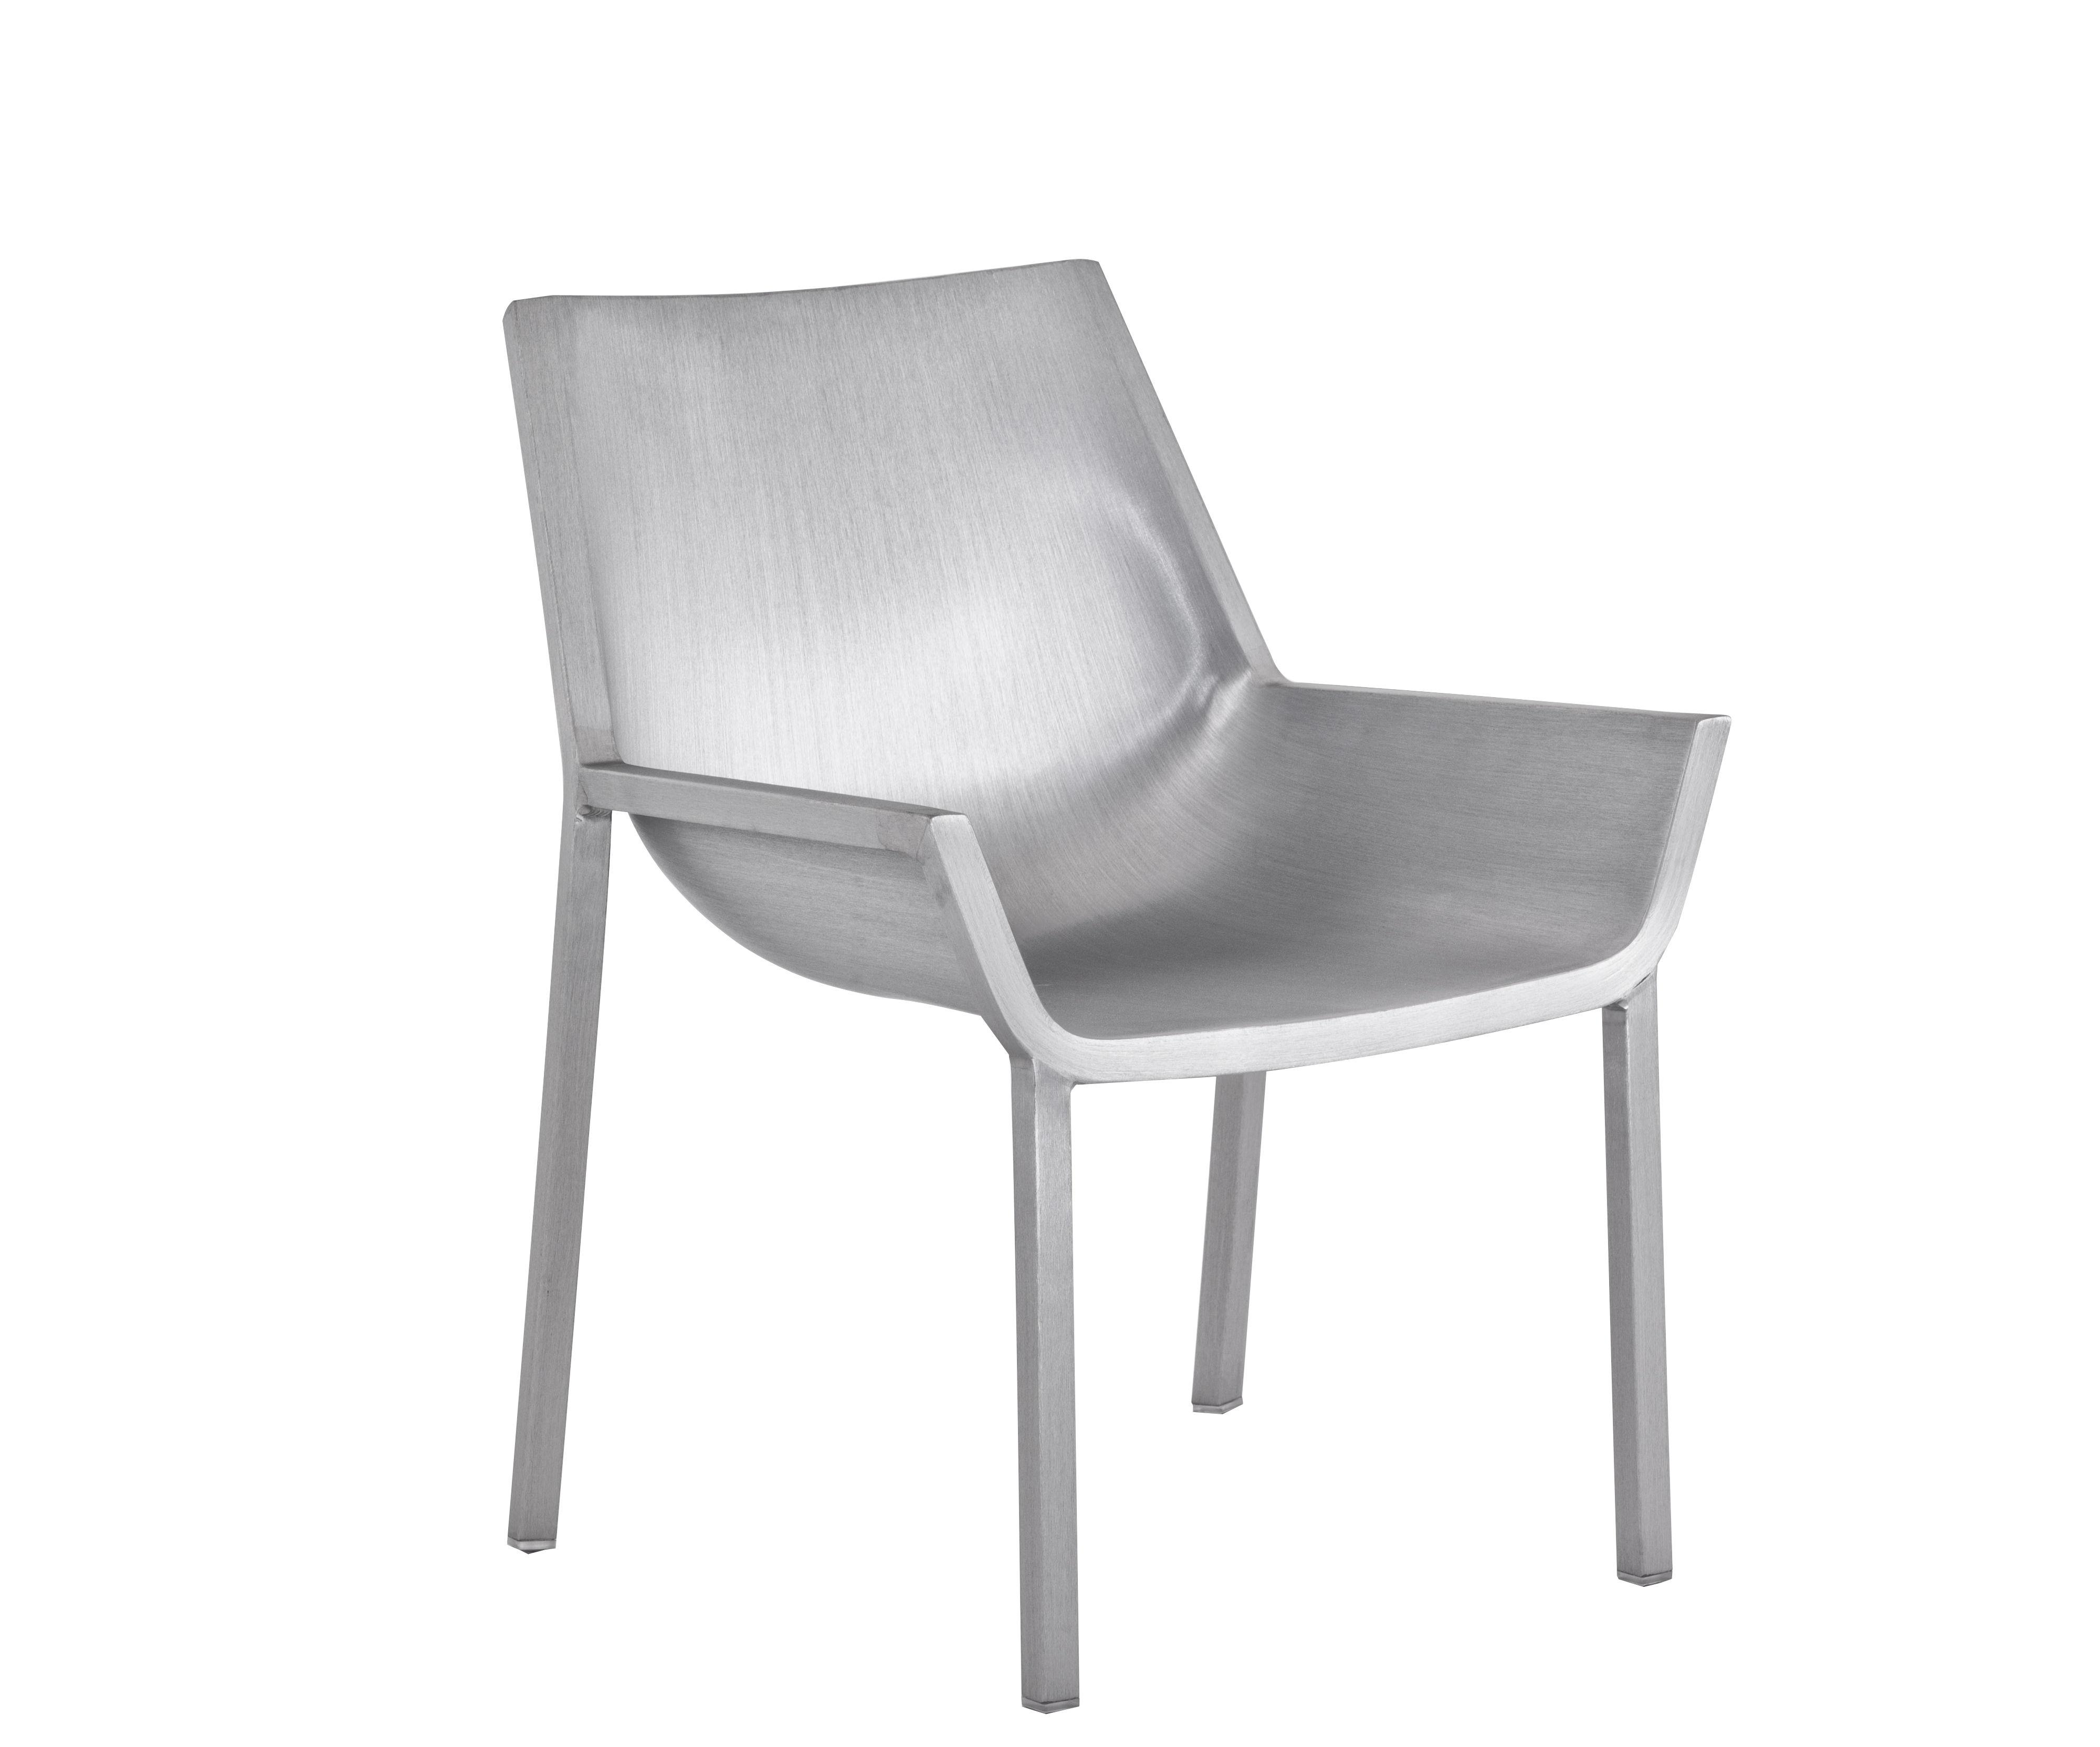 Mobilier - Fauteuils - Fauteuil bas Sezz / assise H 38 cm - Emeco - Aluminium brossé - Aluminium finition brossé